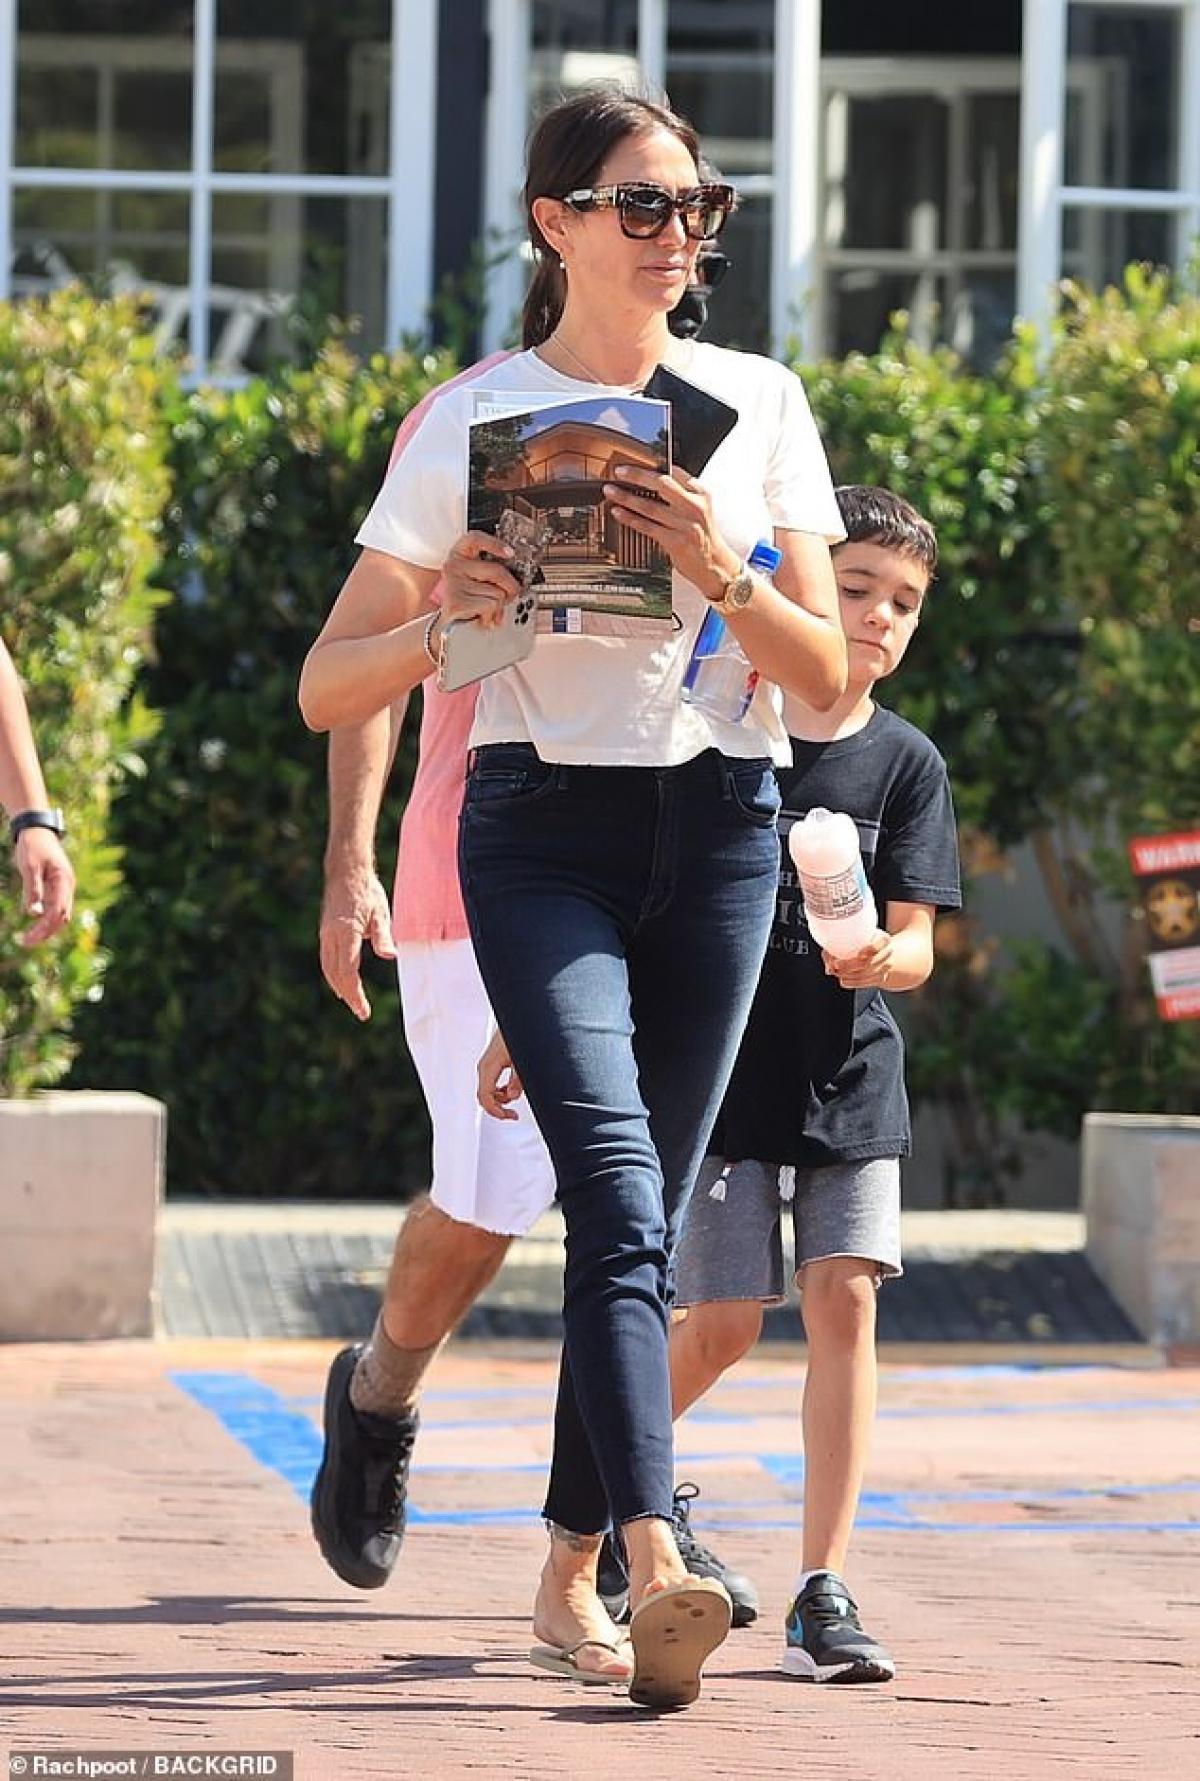 Còn Lauren Silverman trang điểm nhẹ nhàng và cũng giản dị không kém khi phối áo phông và quần jeans năng động.